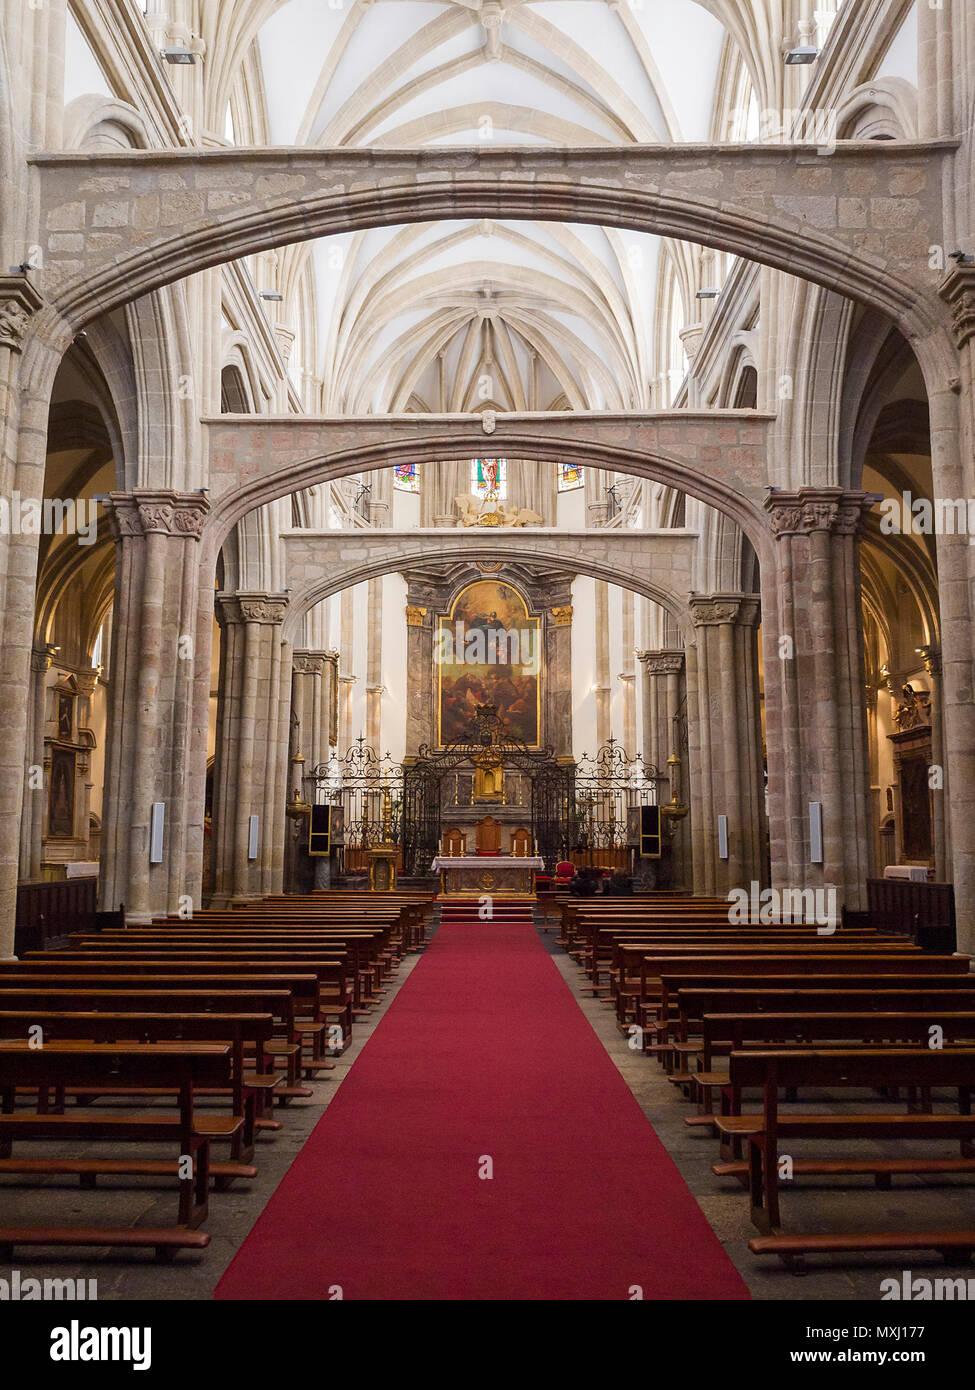 Iglesia de Santa María la Mayor en la Colegial. Talavera de la Reina. Conjunto histórico artístico. Provincia de Toledo. España. Imagen De Stock